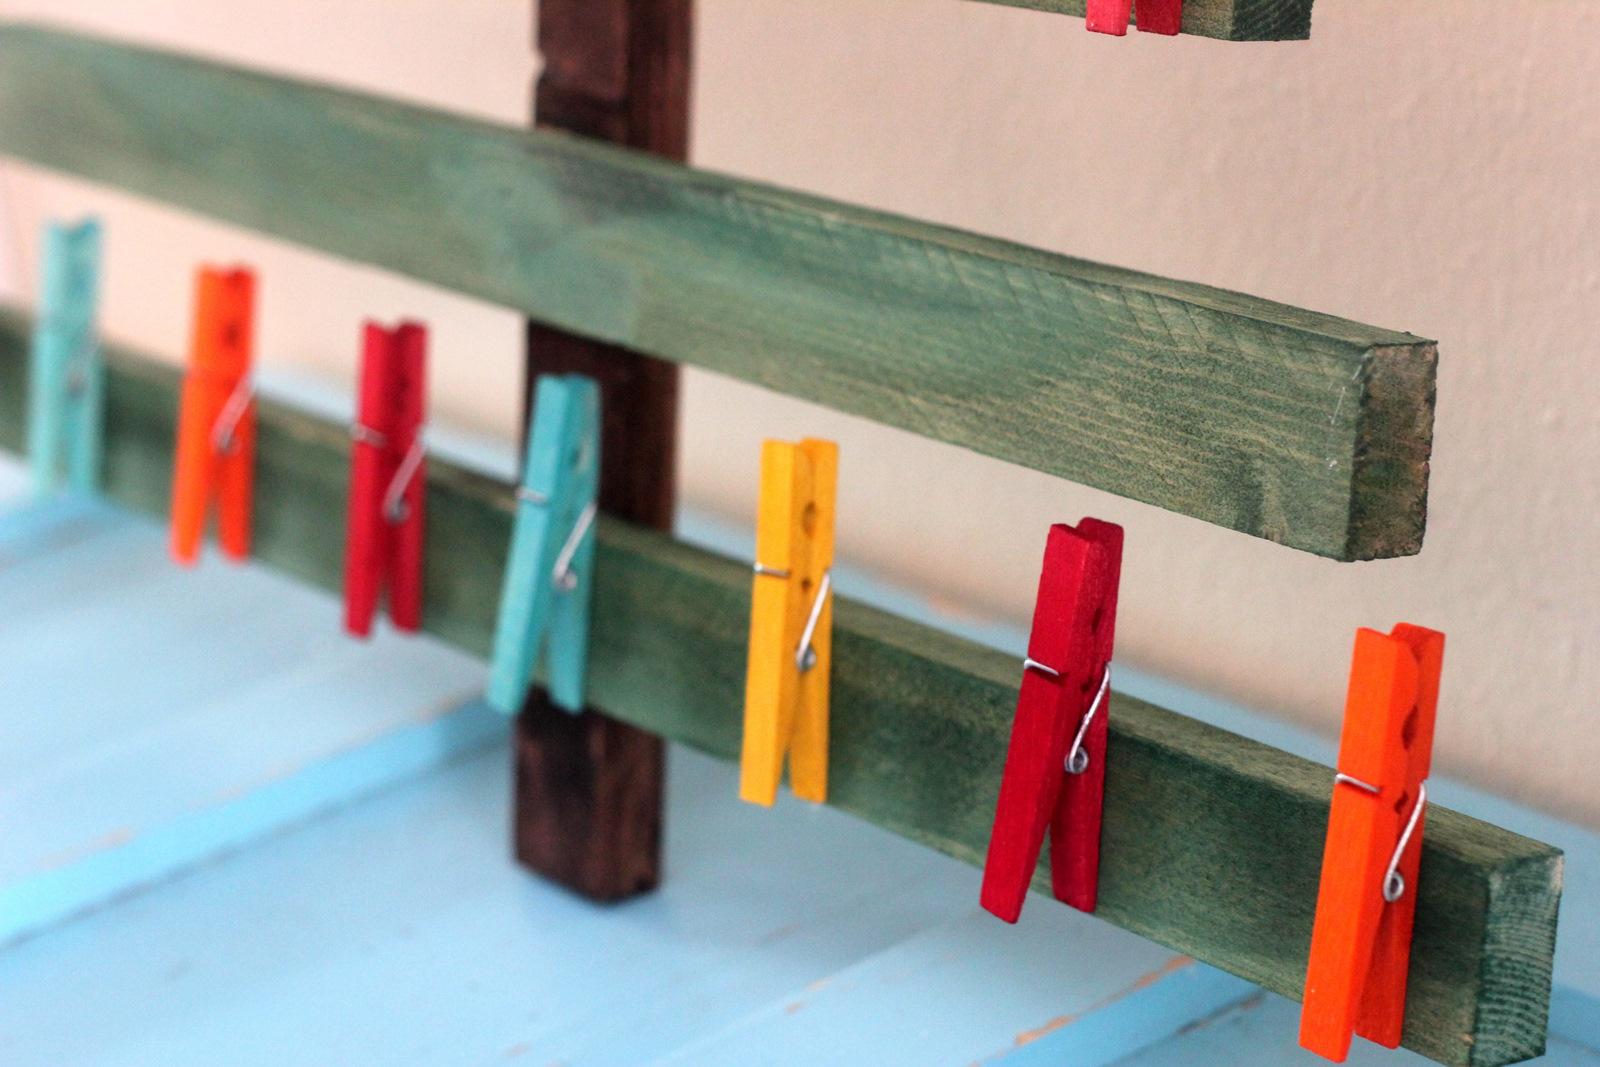 Teñir muebles en distintos colores | Recicla Tus Muebles